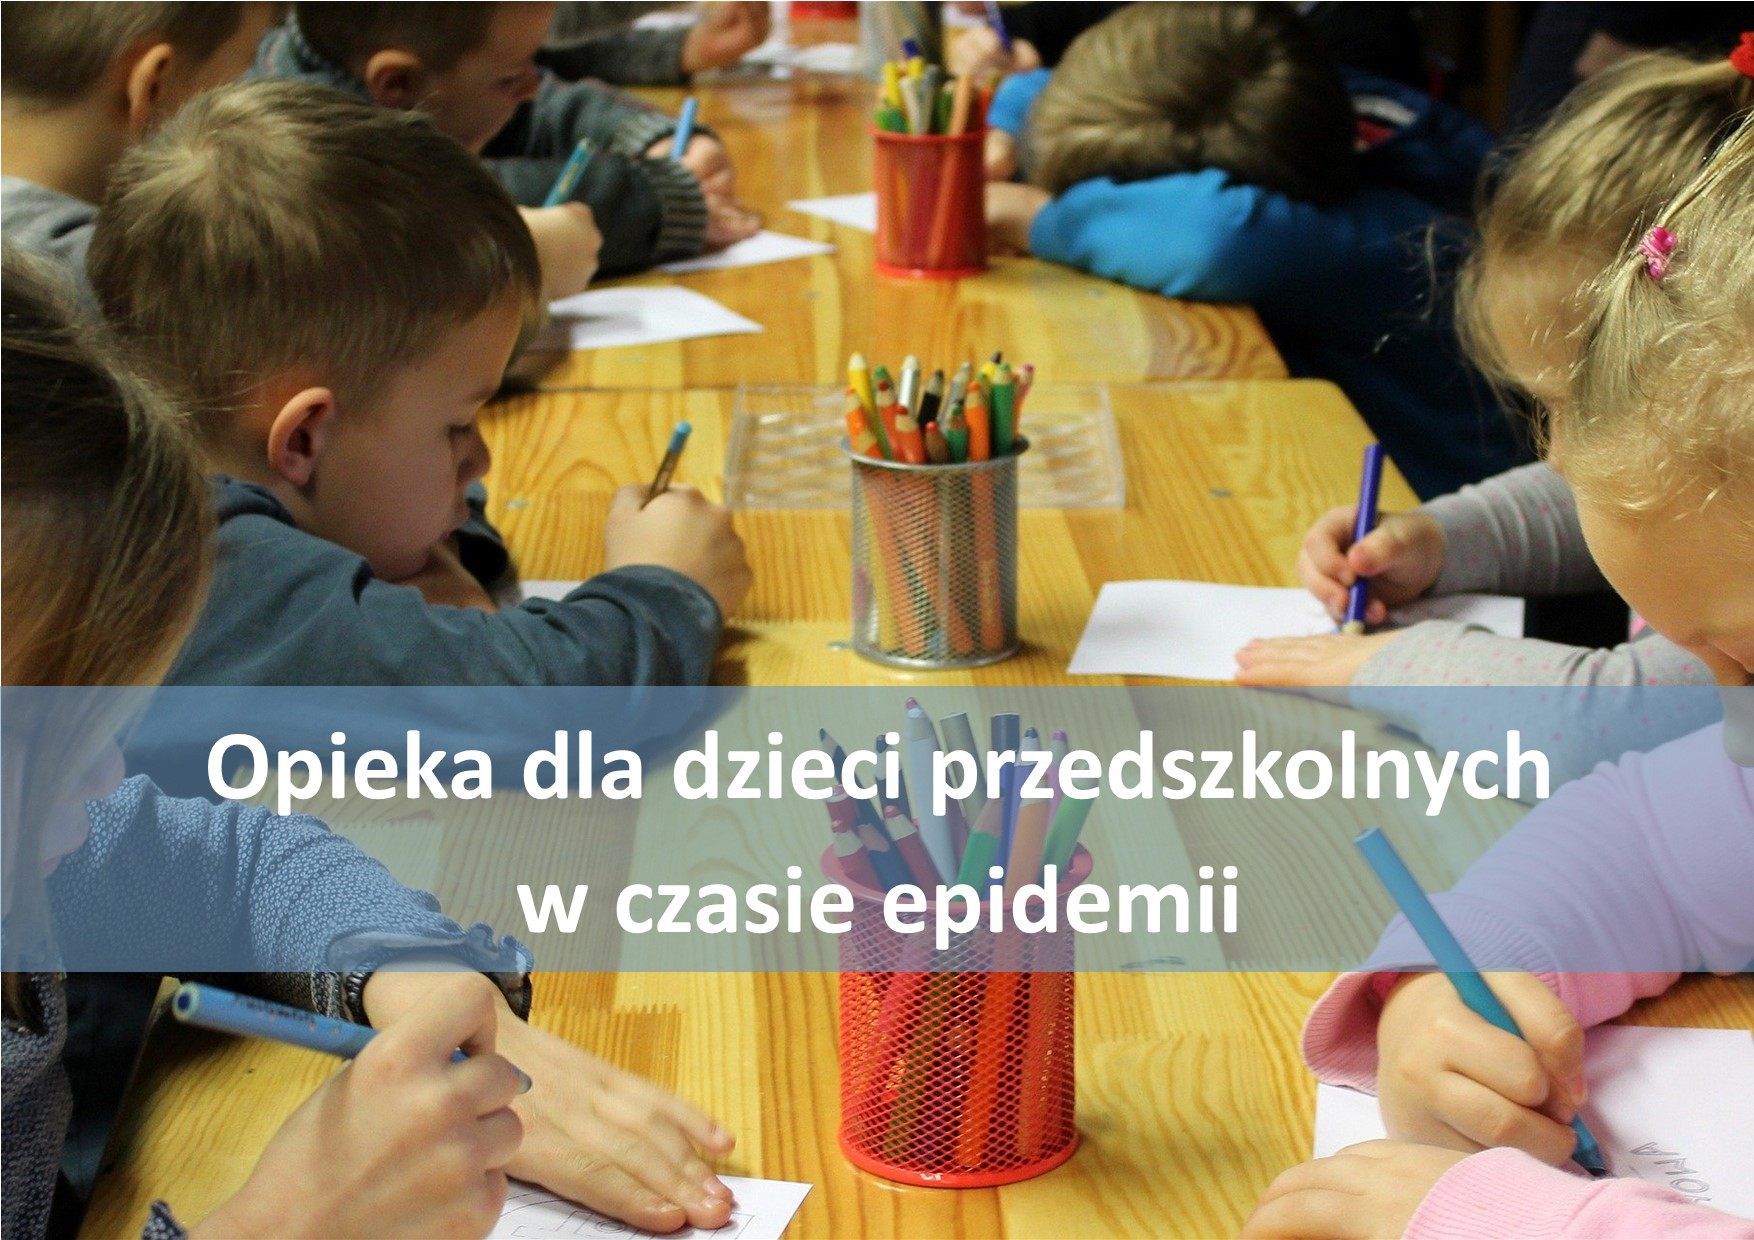 Ilustracja do informacji: Opieka dla dzieci przedszkolnych w czasie epidemii